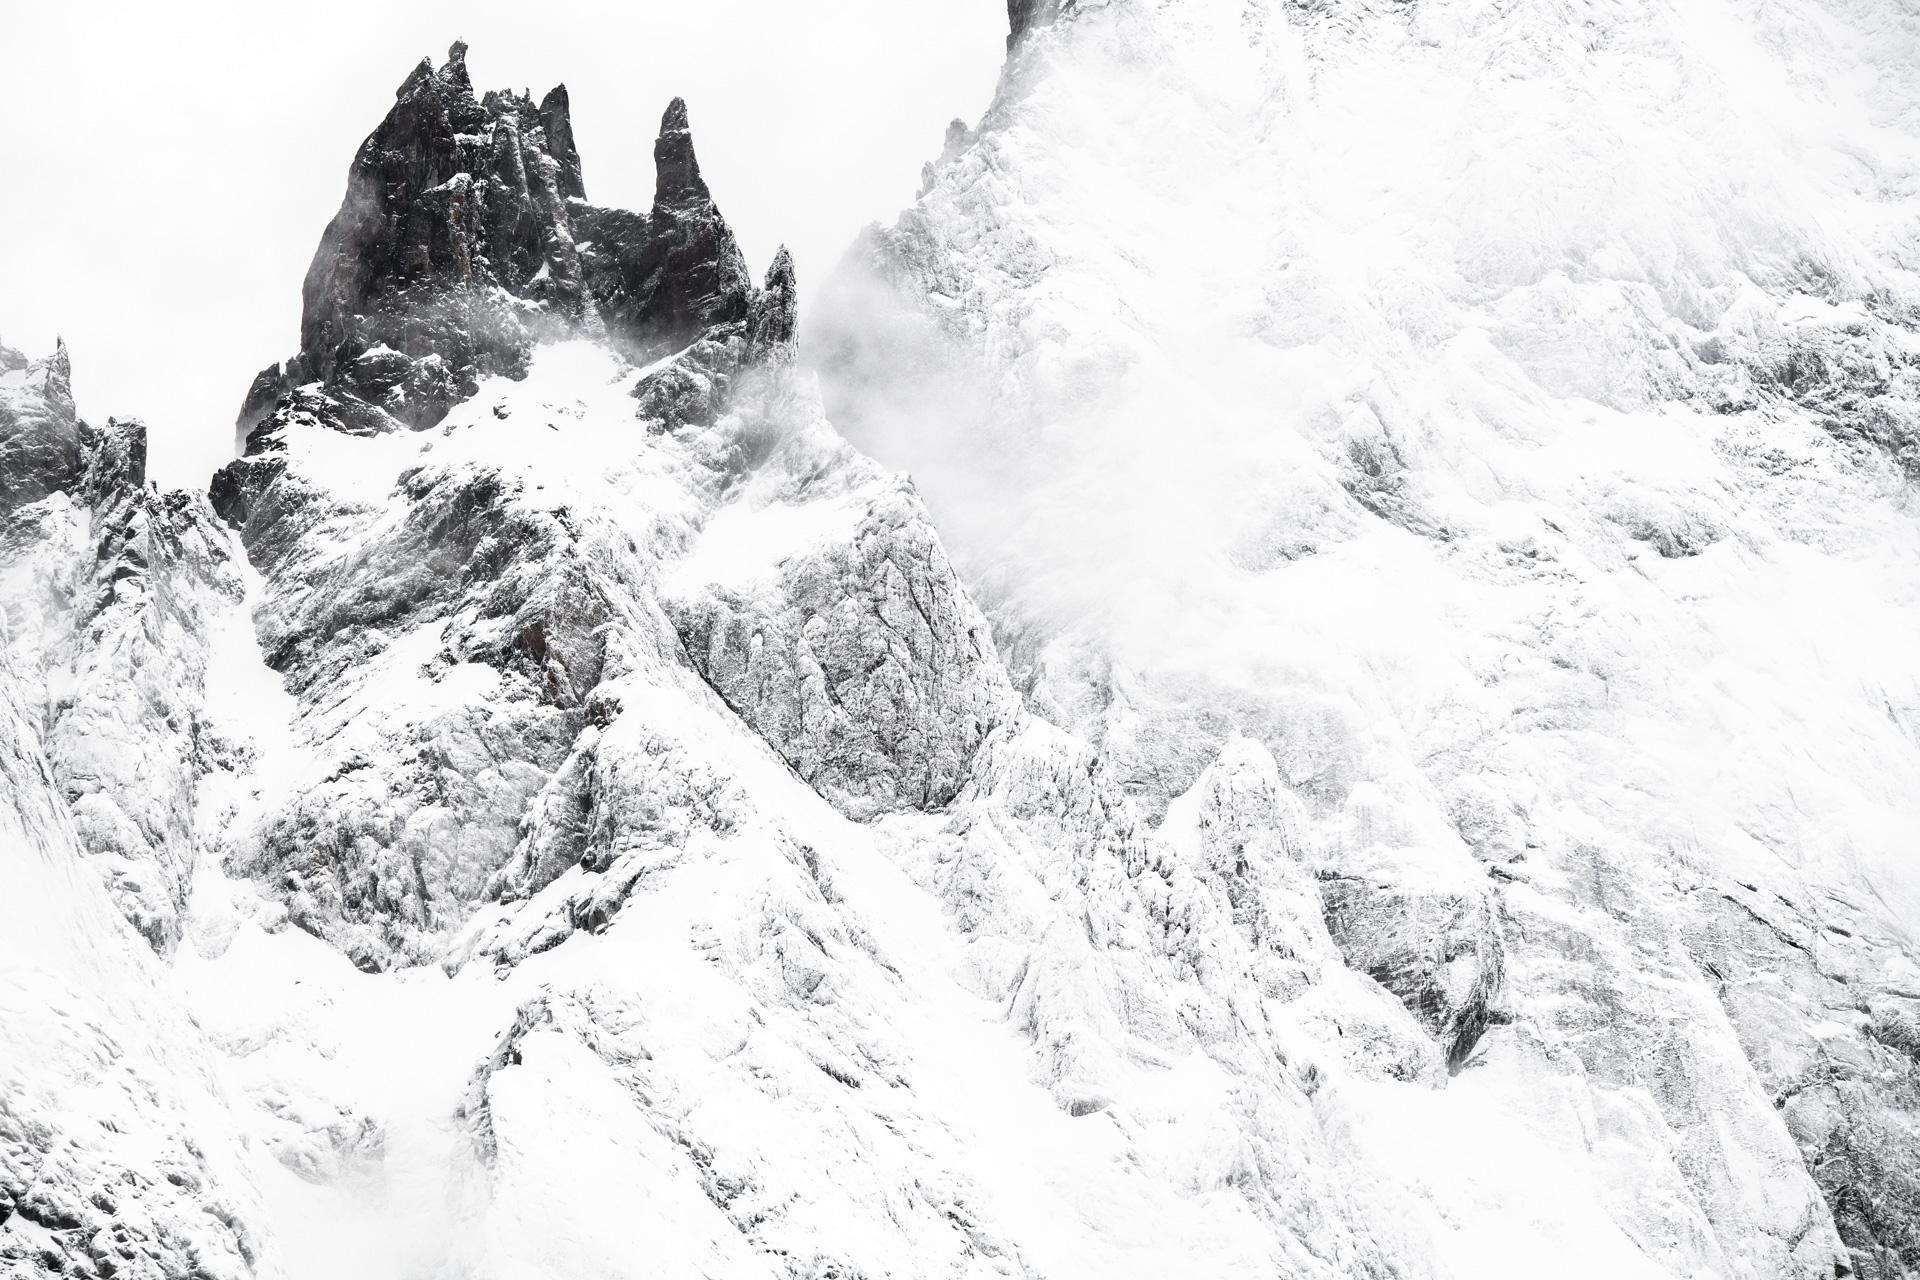 Photo montagne noir et blanc - Dames Anglaises sommet de montagne dans le massif du Mont Blanc